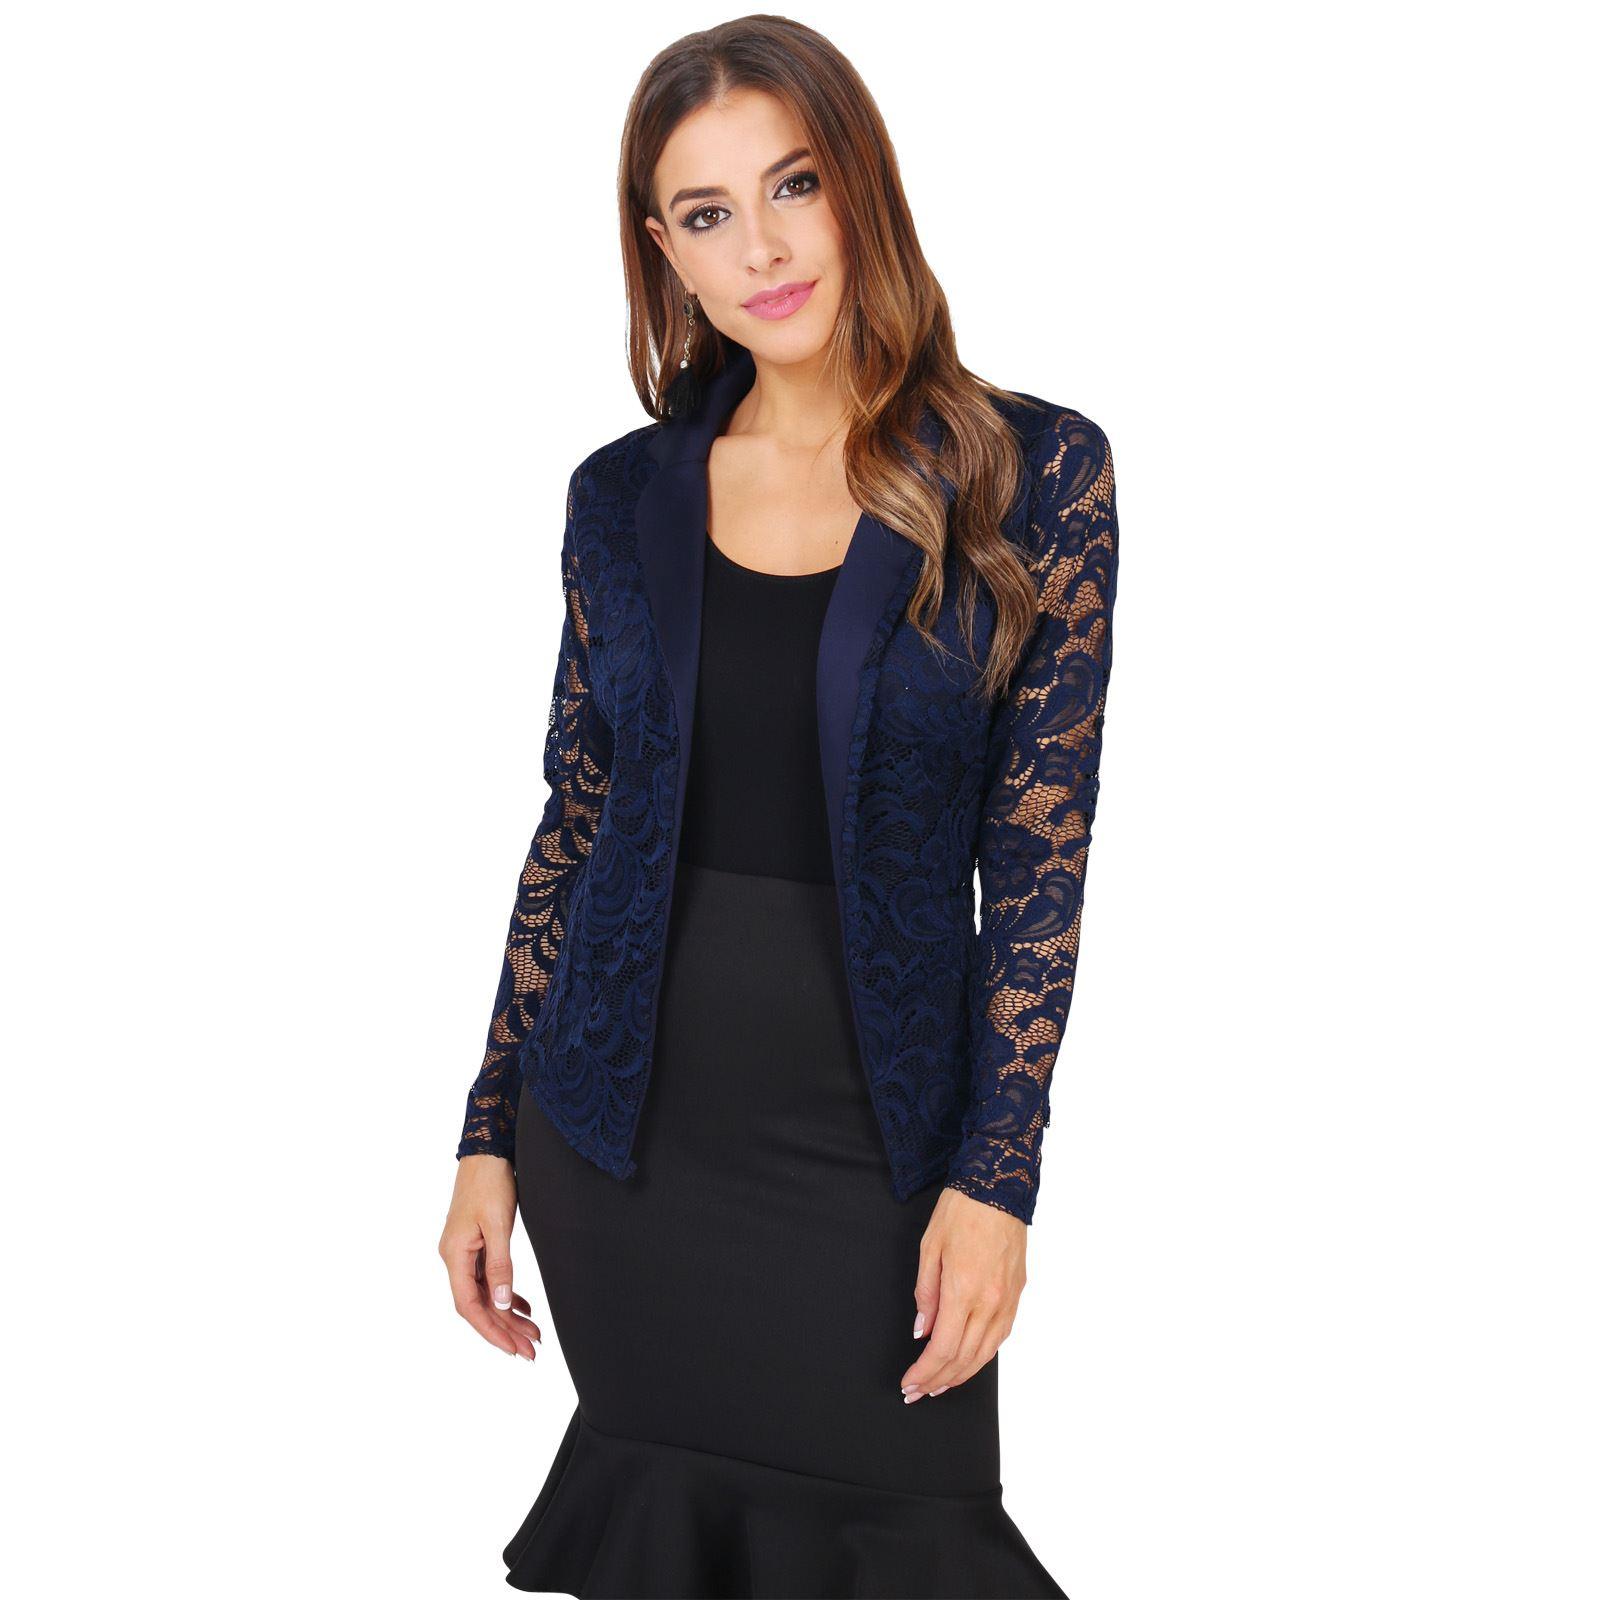 979fb236eca Details about Womens Vintage Lace Blazer Jacket Ladies Cardigan Shrug Slim  Suit Top Plus Size